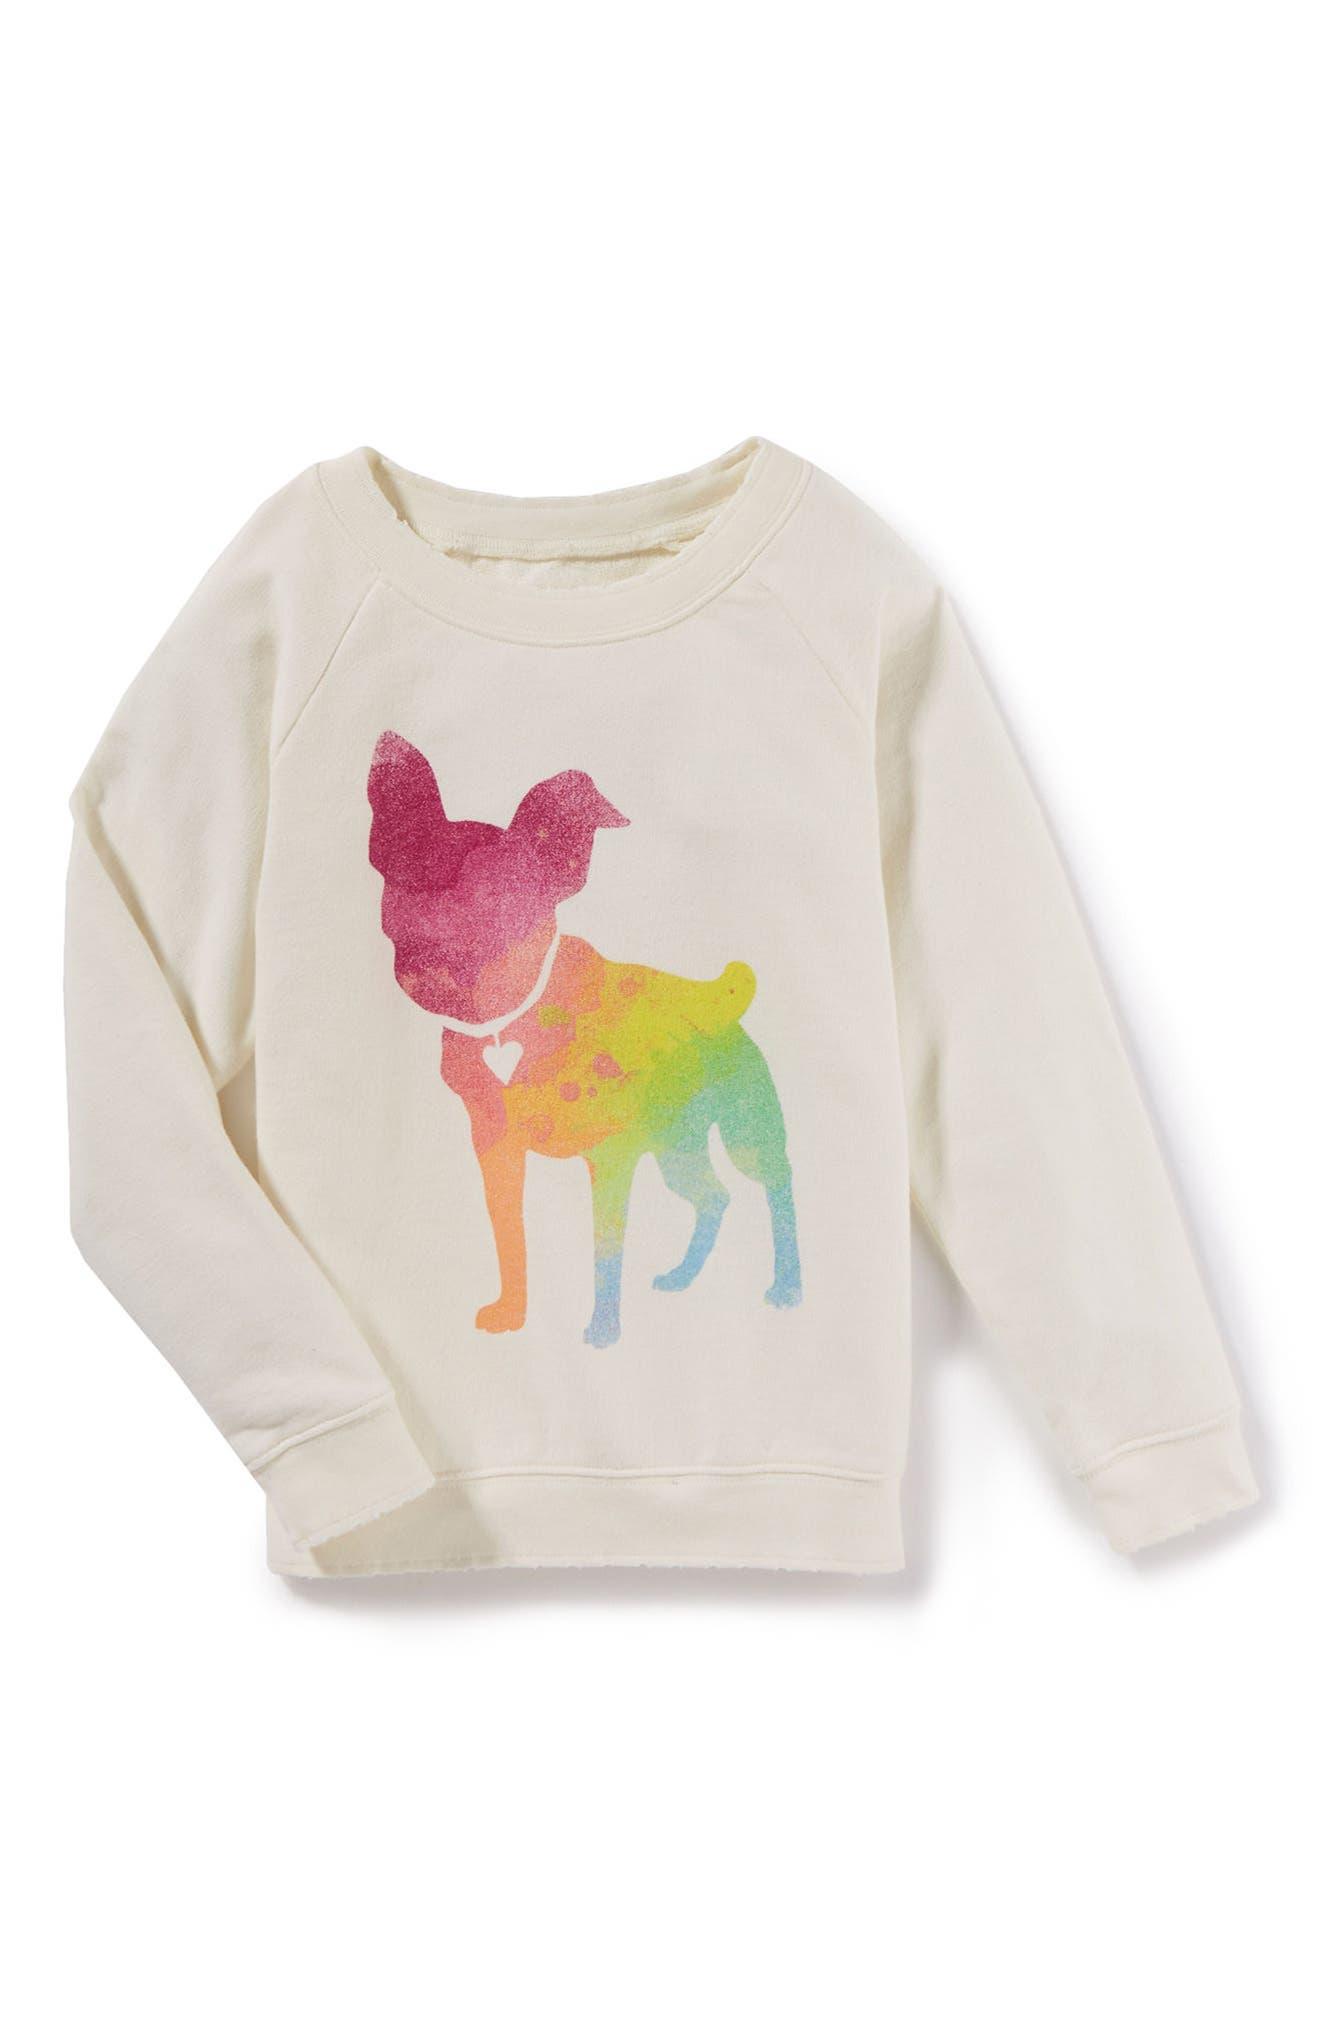 Colette Graphic Sweatshirt,                             Main thumbnail 1, color,                             906